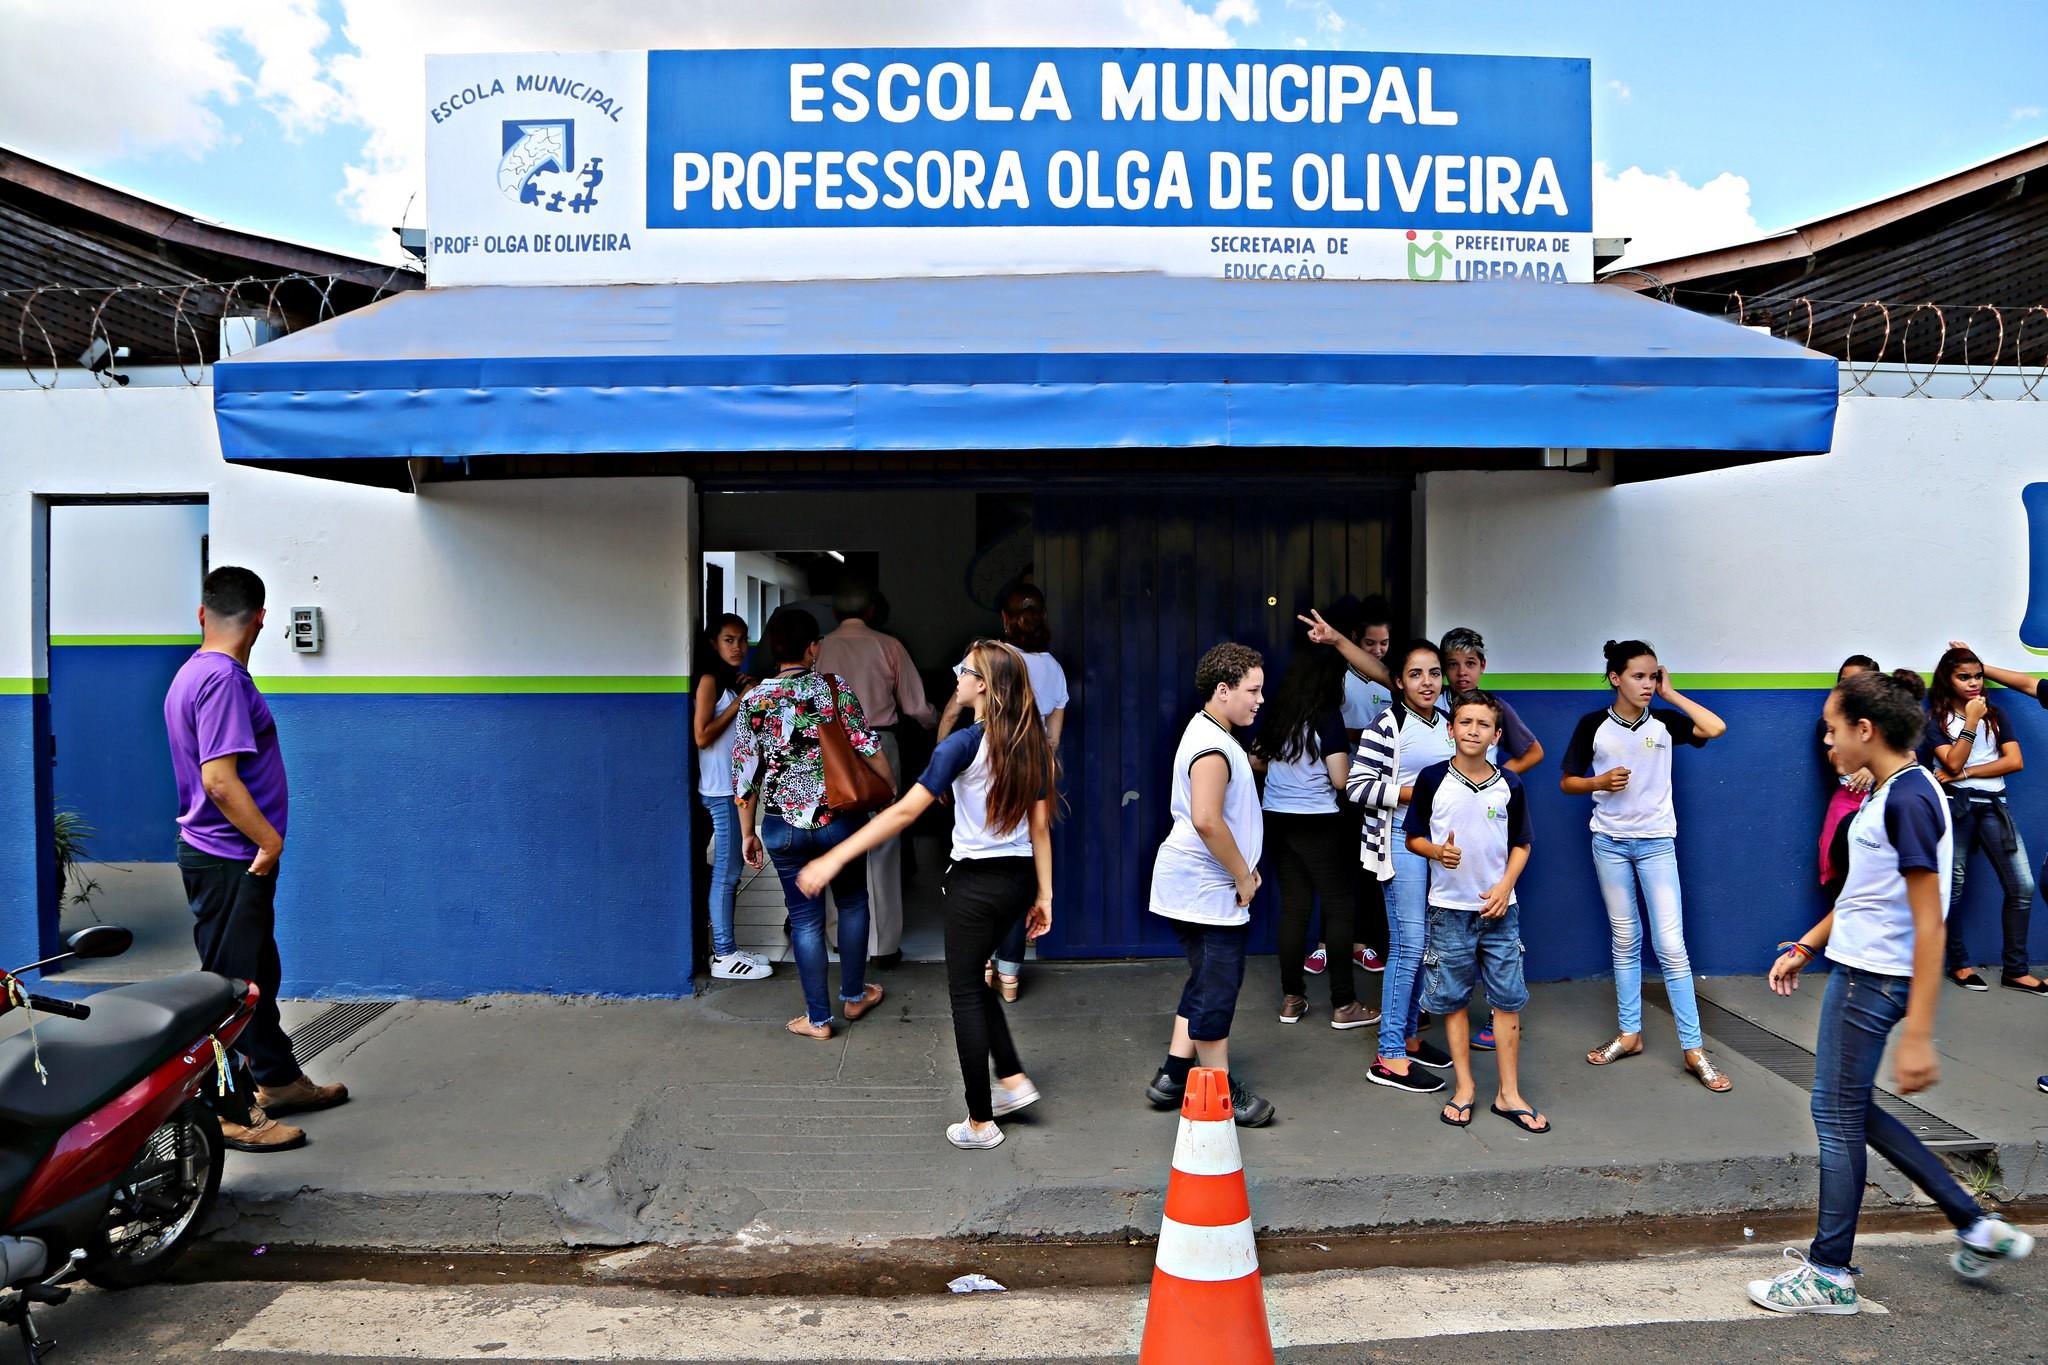 Ensino médio vai fazer parte da composição do sistema municipal de ensino de Uberaba